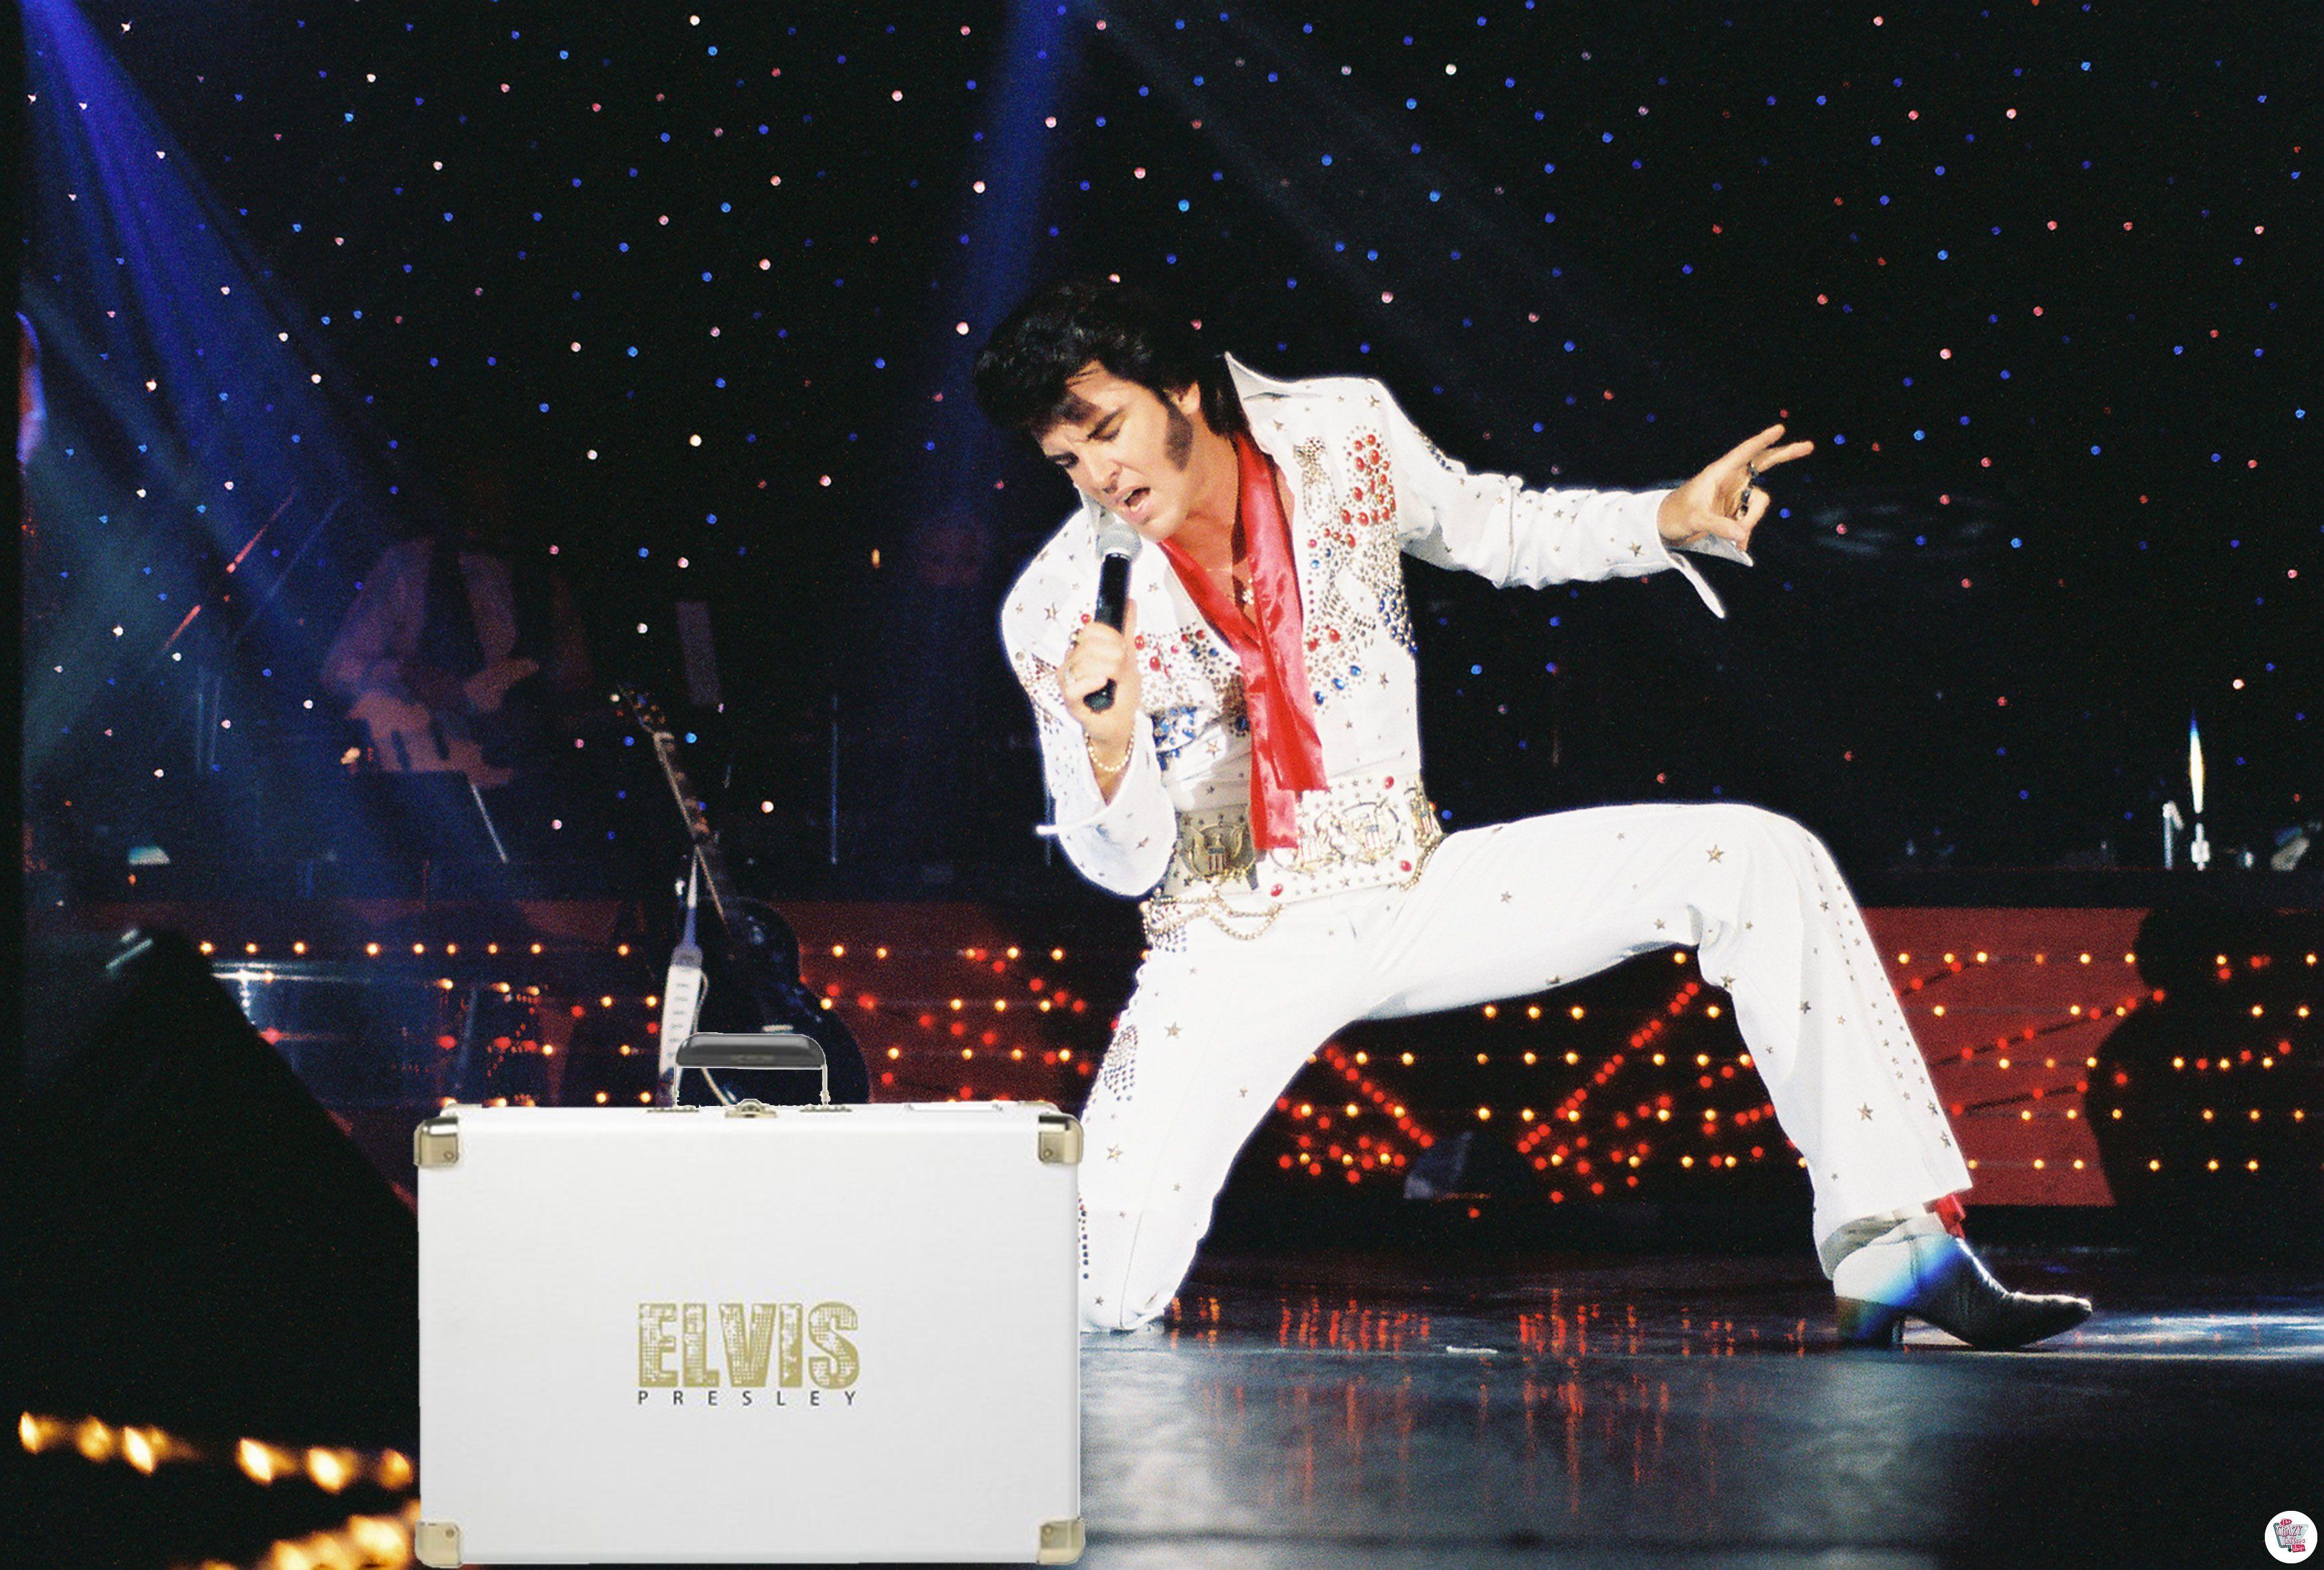 Elvis Presley Record Player 1970 187 Thecrazyfifties Es